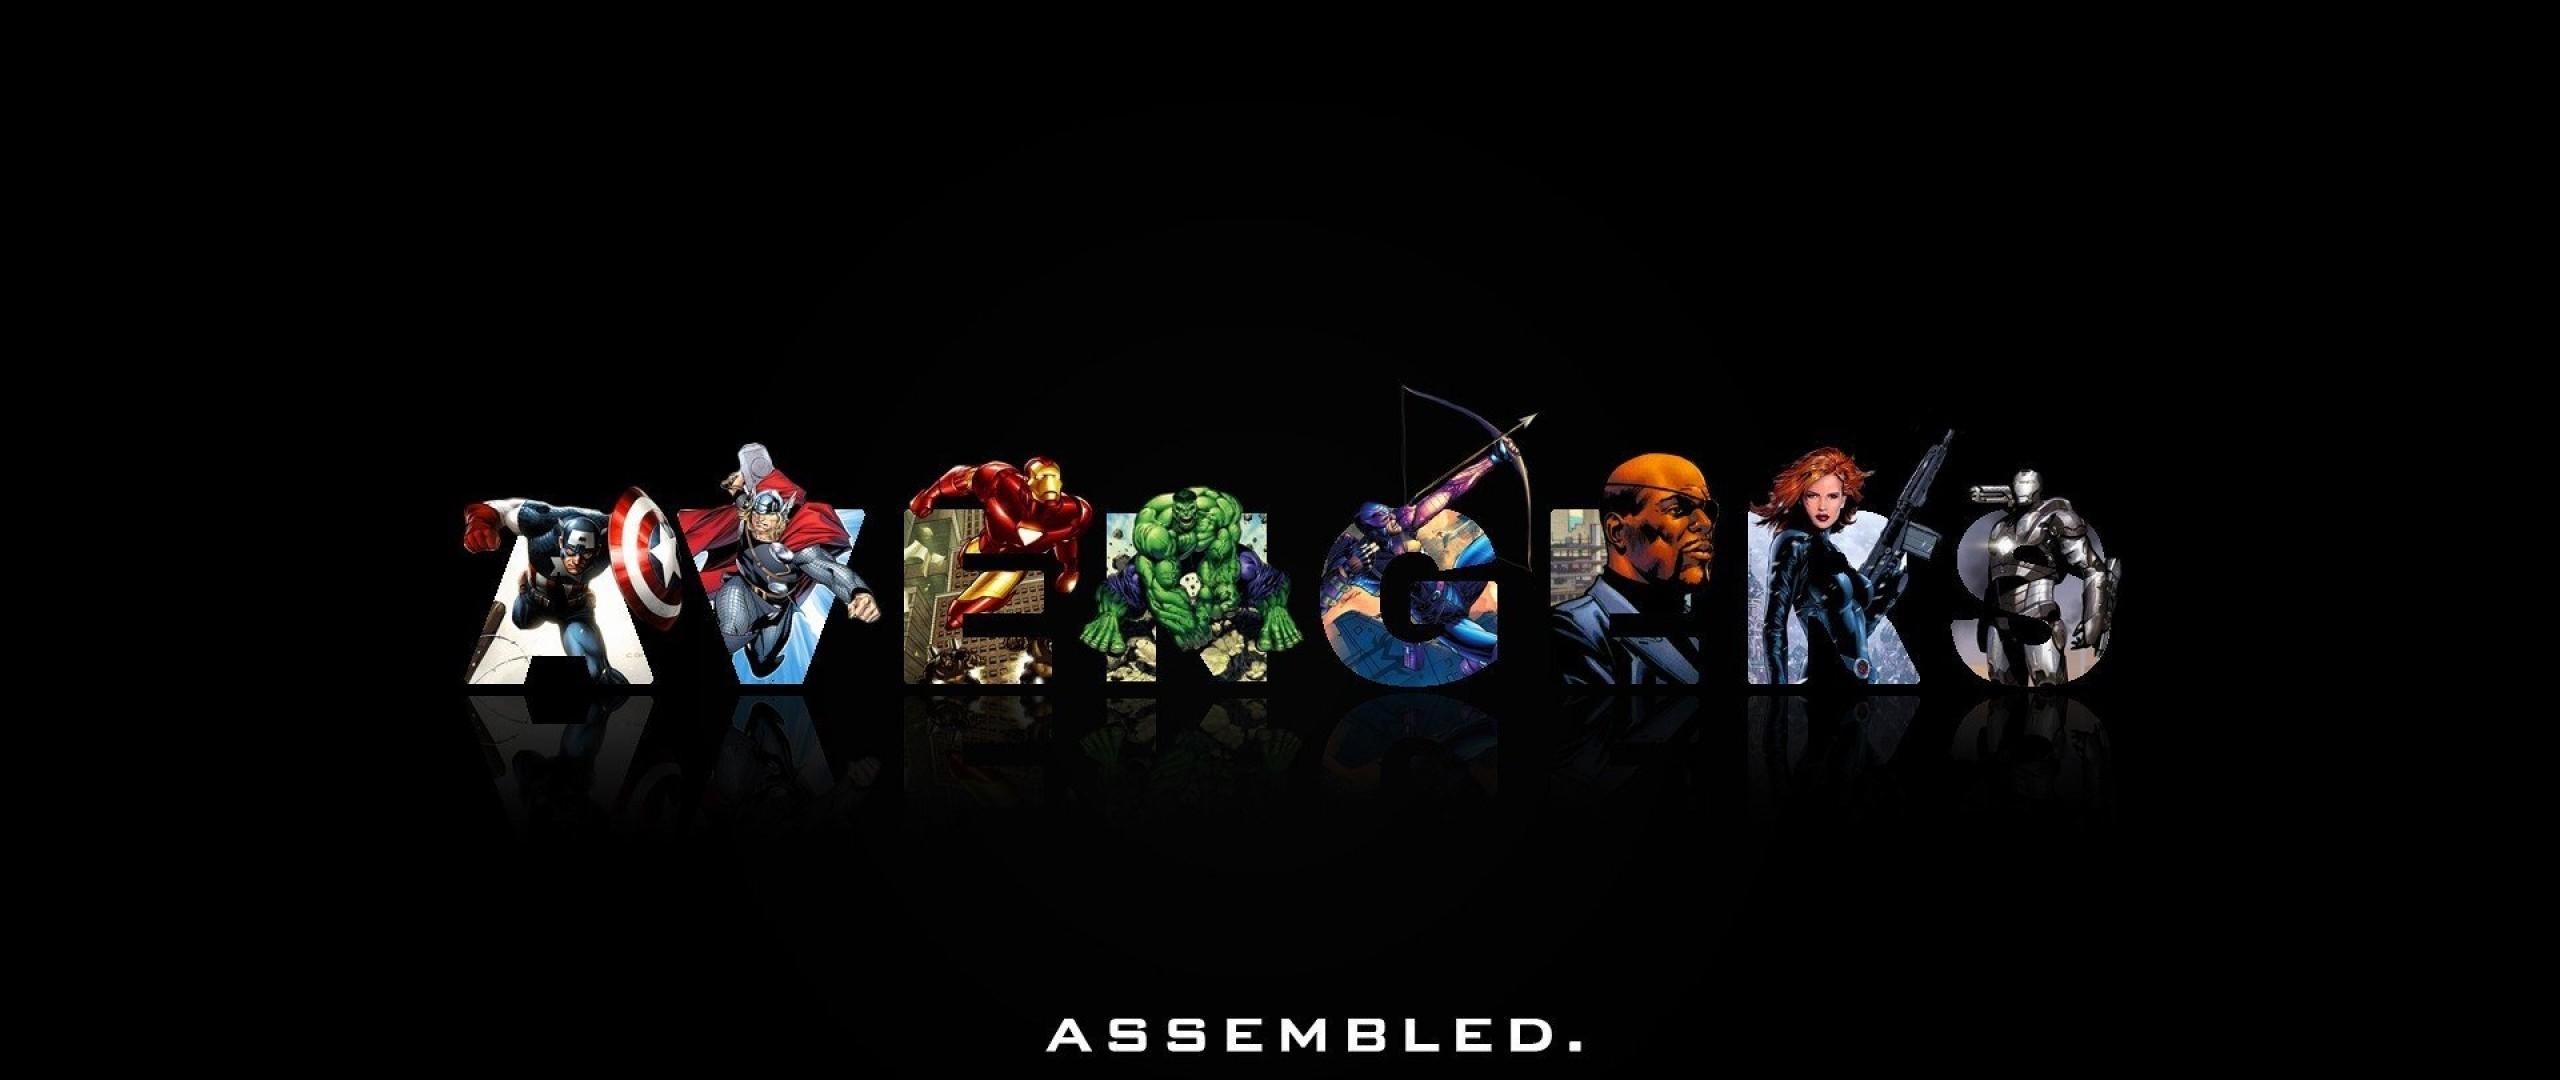 Avengers Wallpaper For Desktop (70+ Images